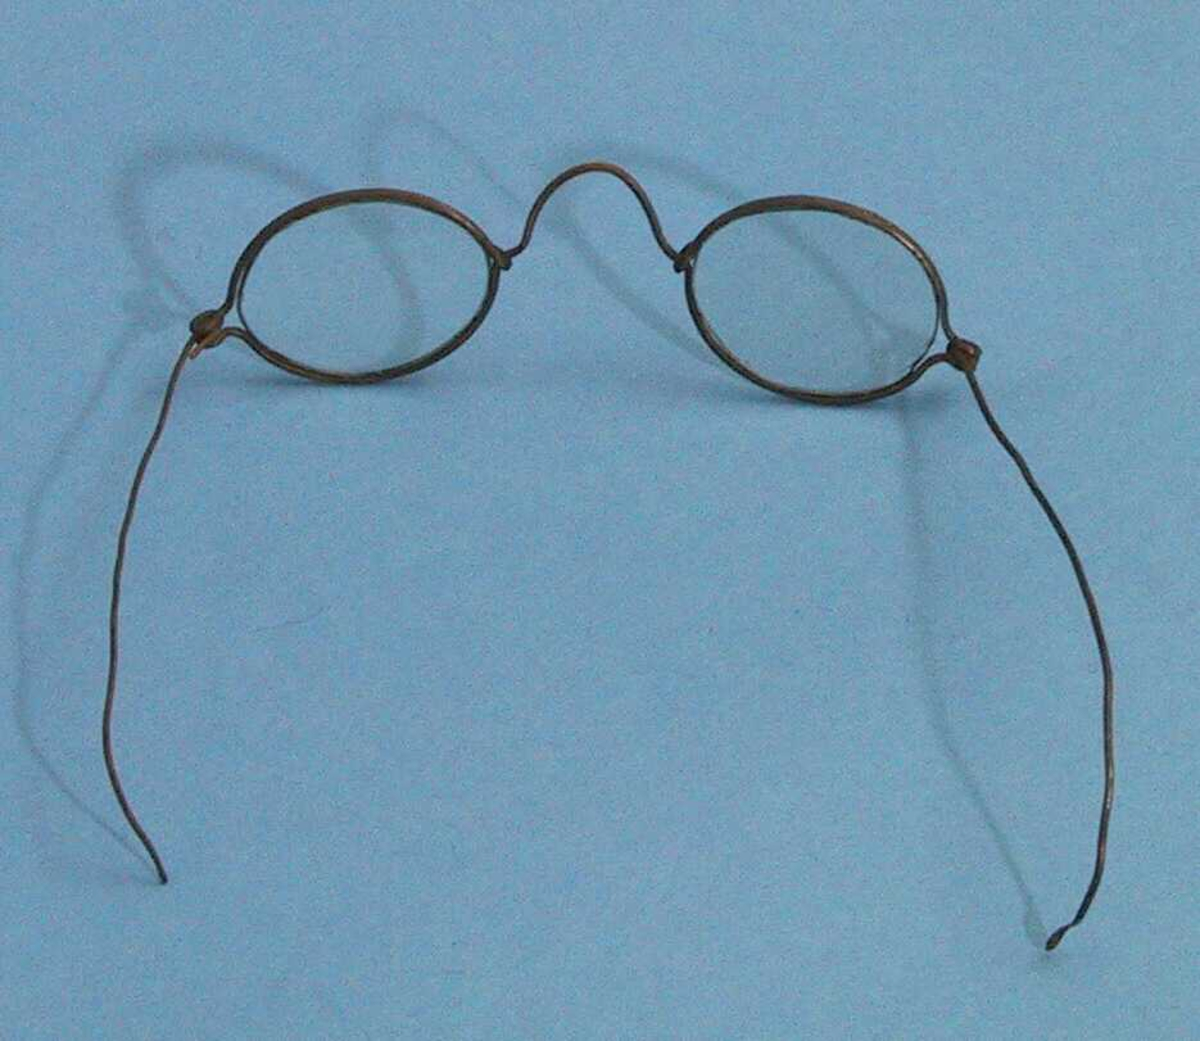 Enkle briller, brilleglassene er små, omfatningen er laget av ståltrådliknende materiale og lett bøyelig.